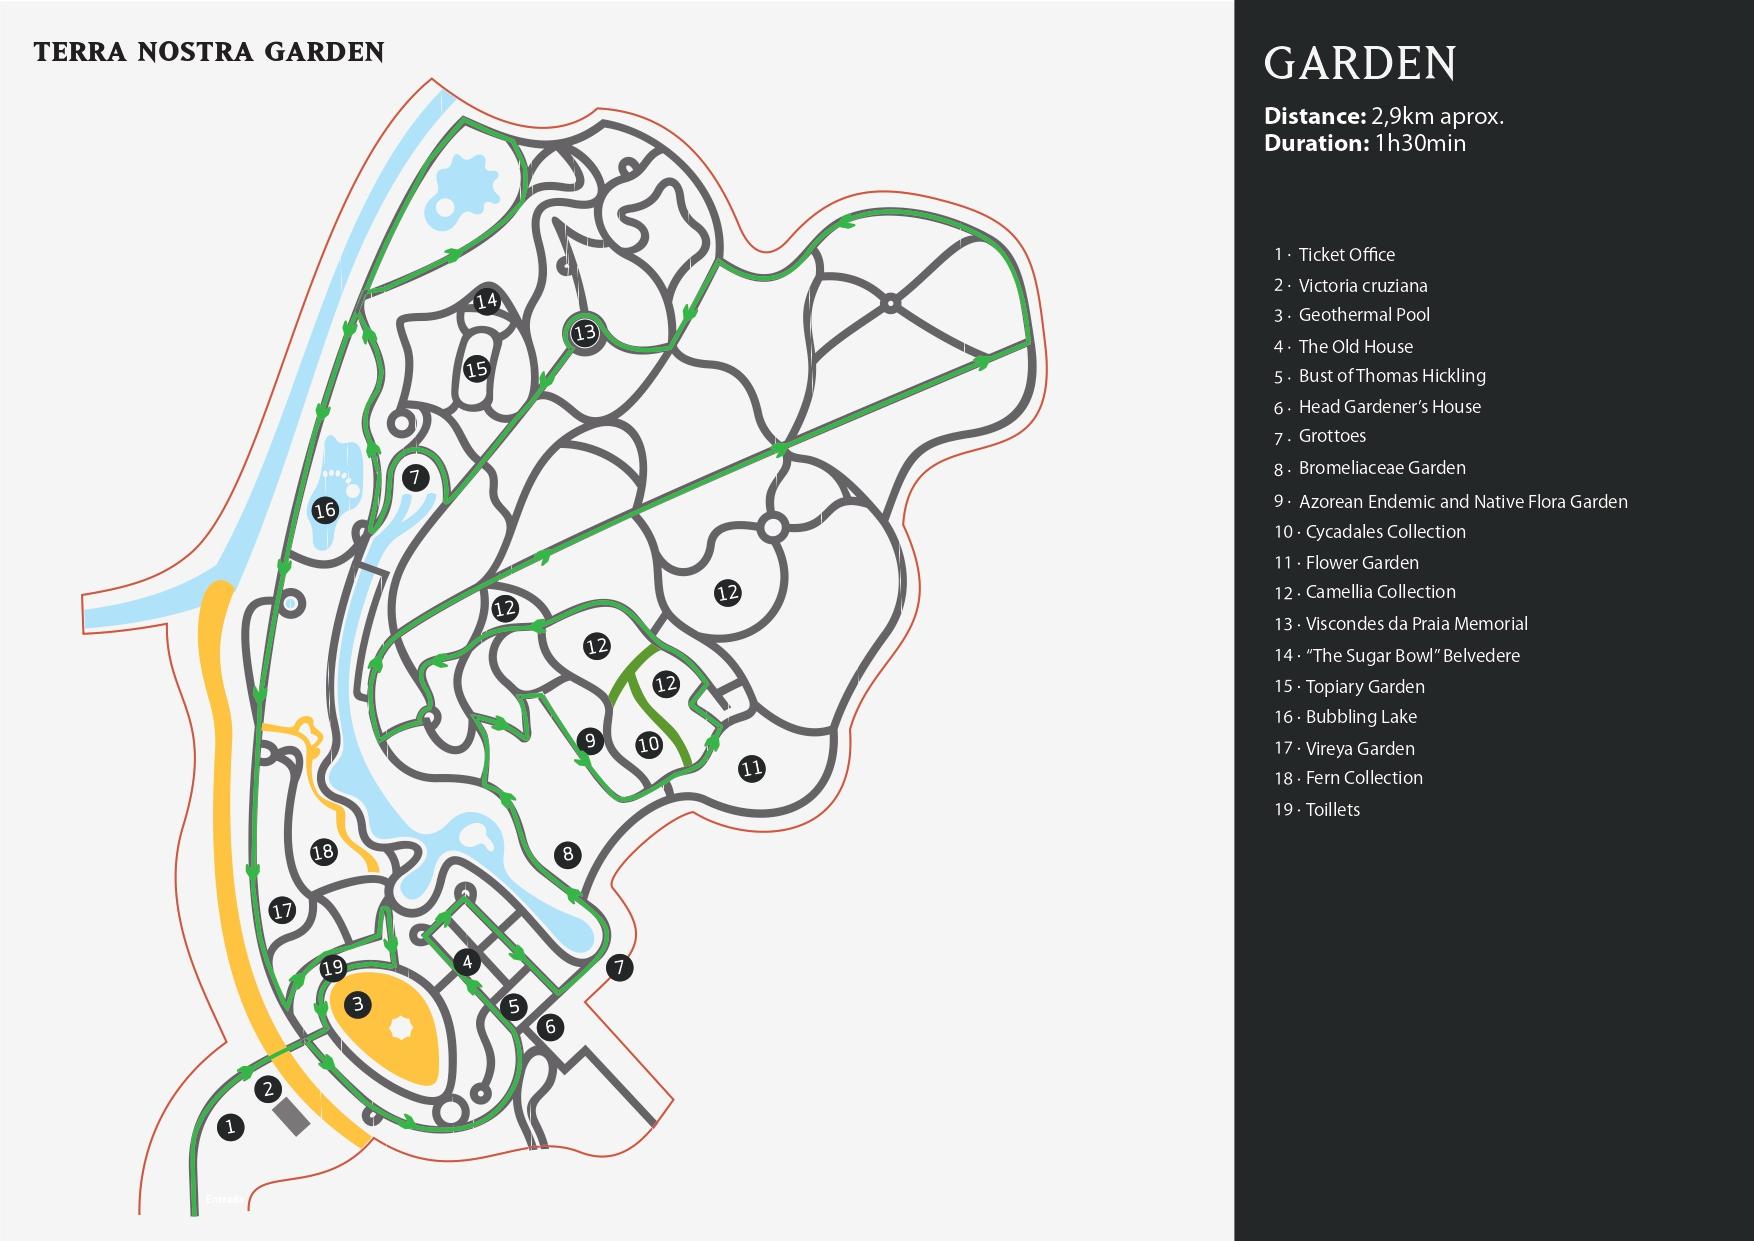 Mapa del Jardín Botánico Terra Nostra